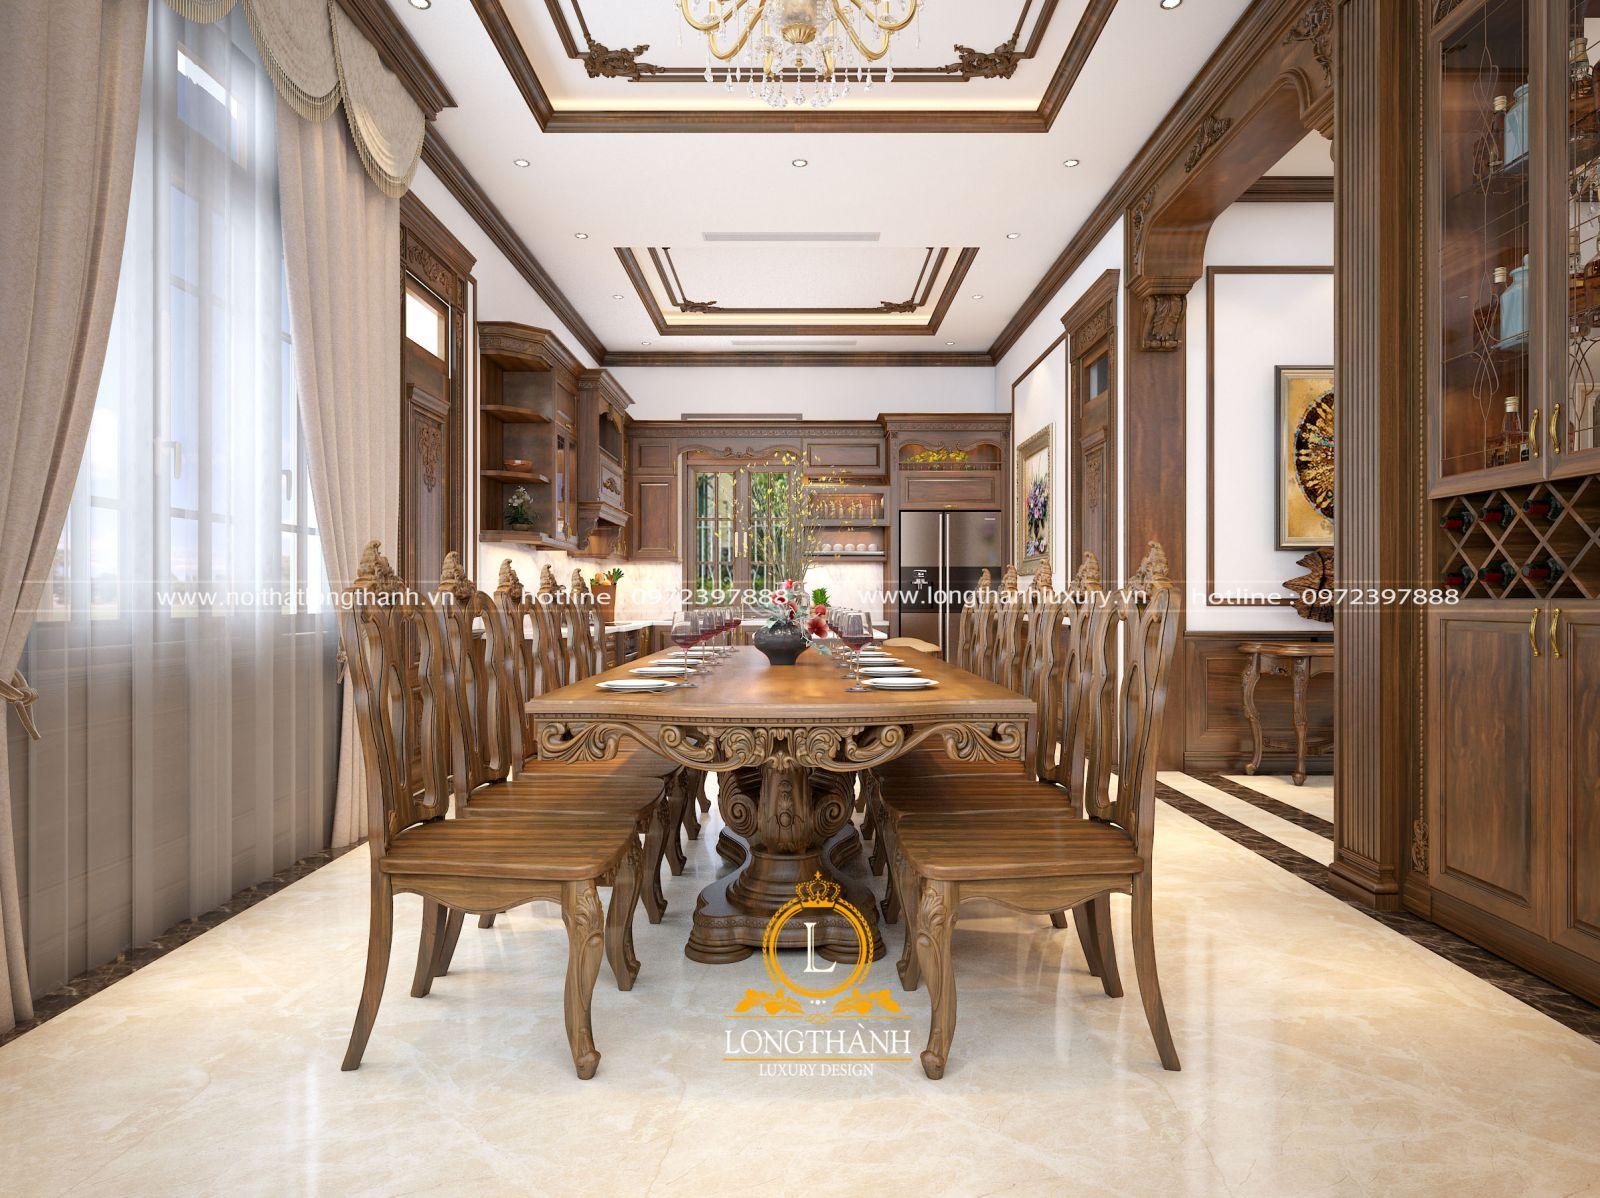 Tổng thể không gian phòng bếp khi kết hợp tủ bếp bà bàn ăn